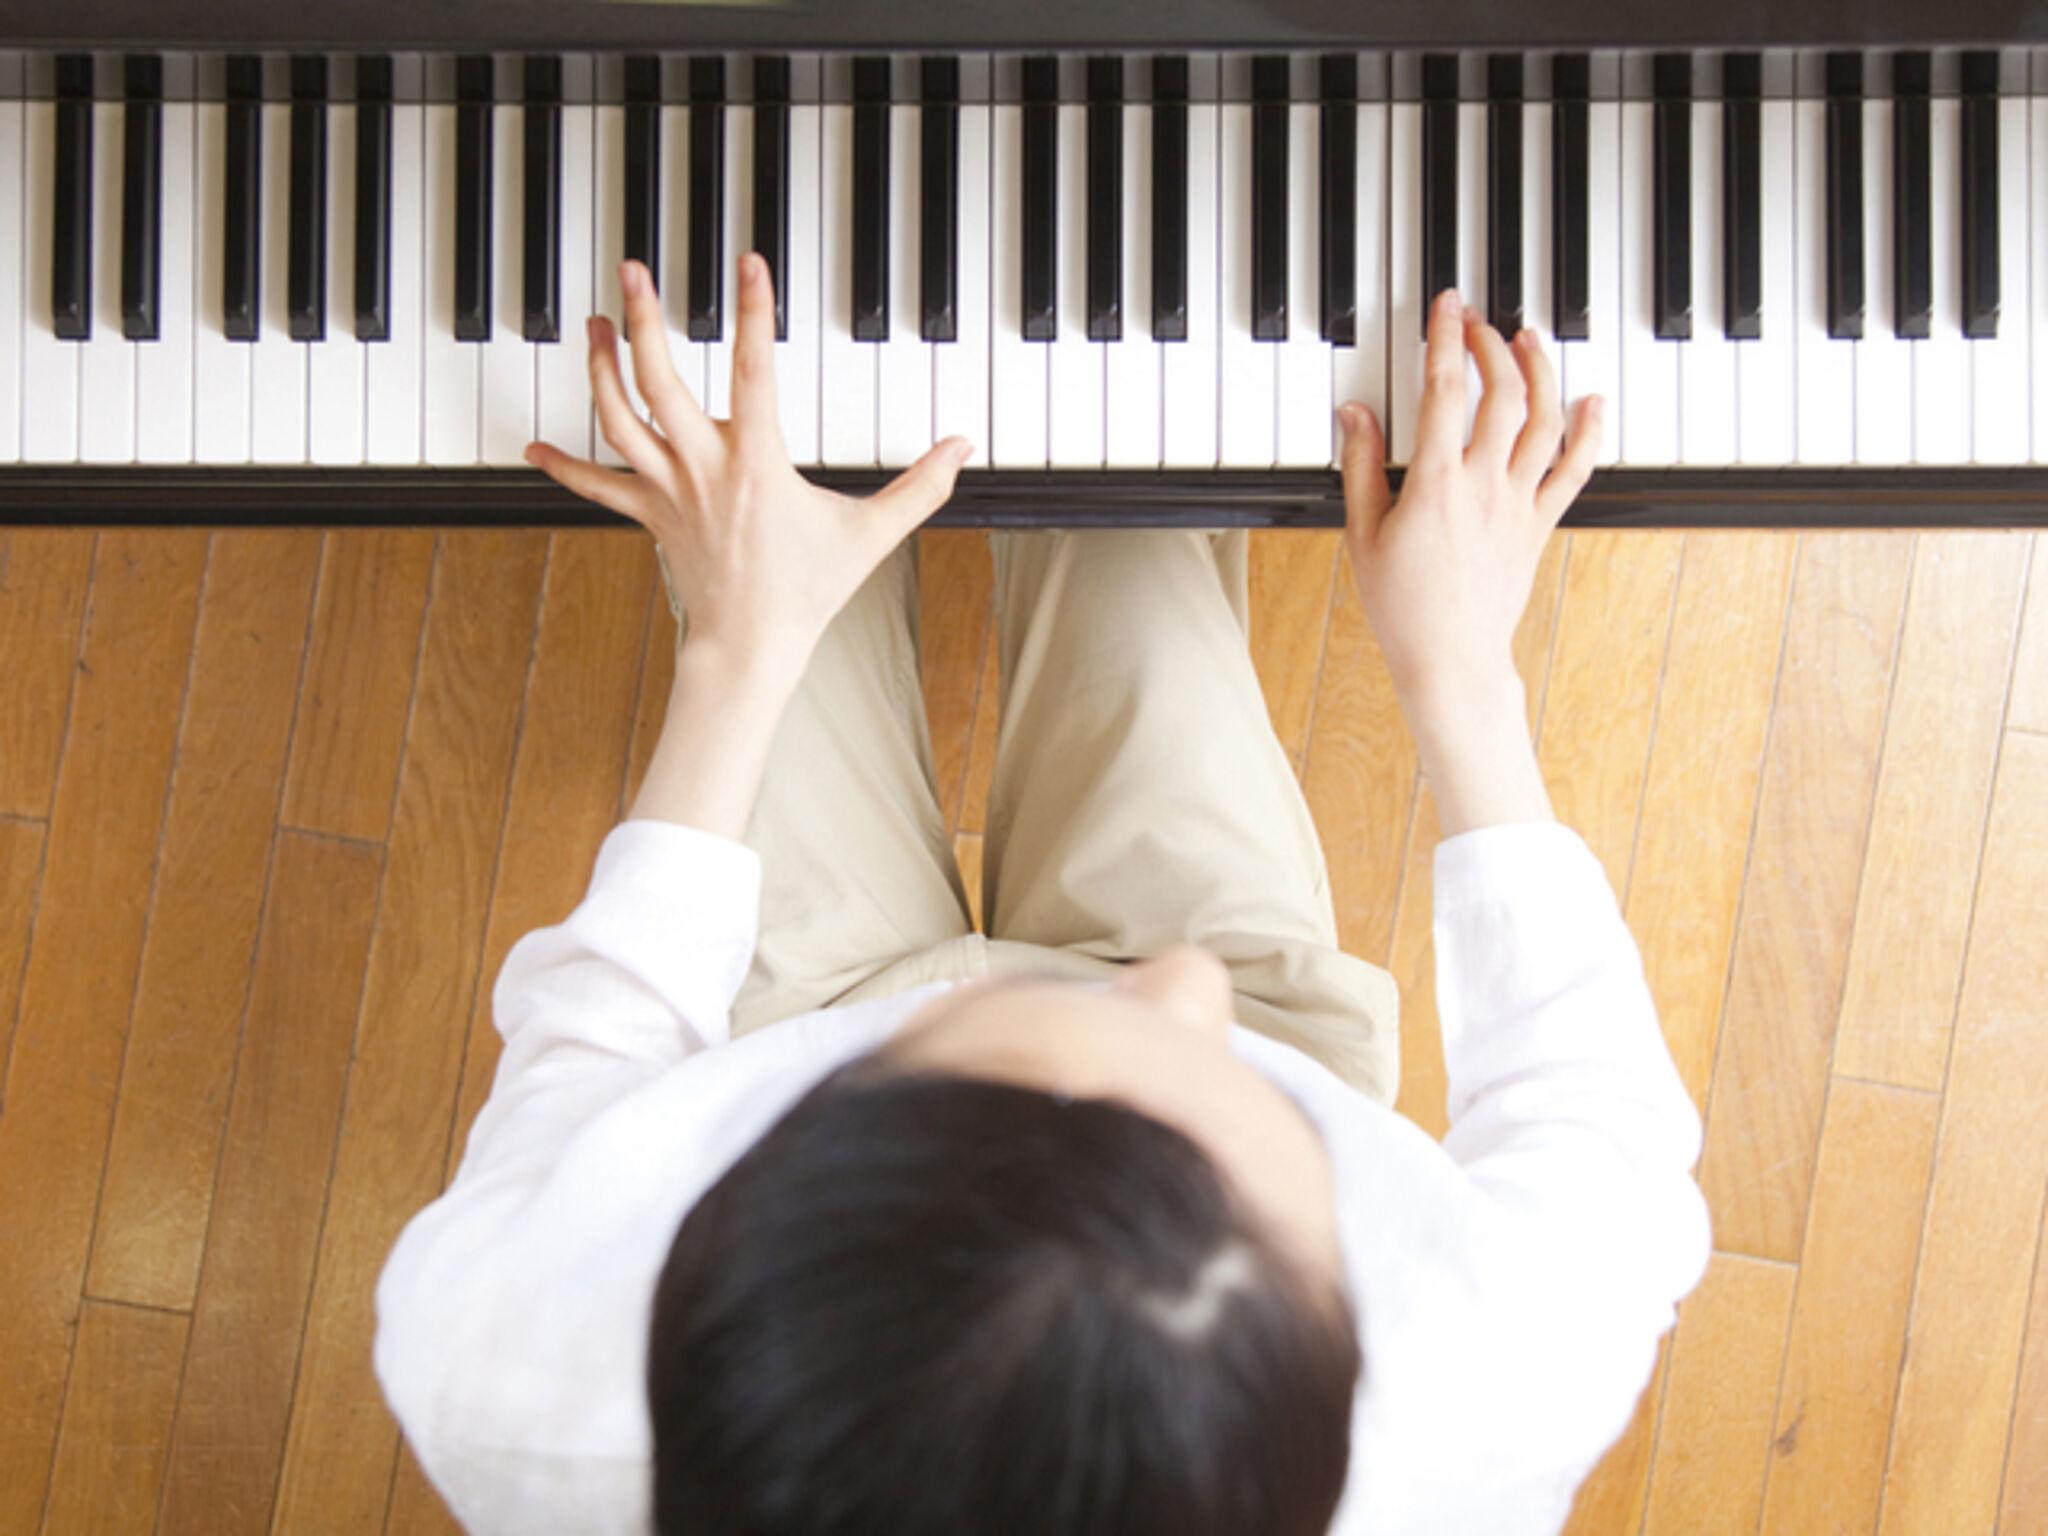 大人向けピアノ教室の画像